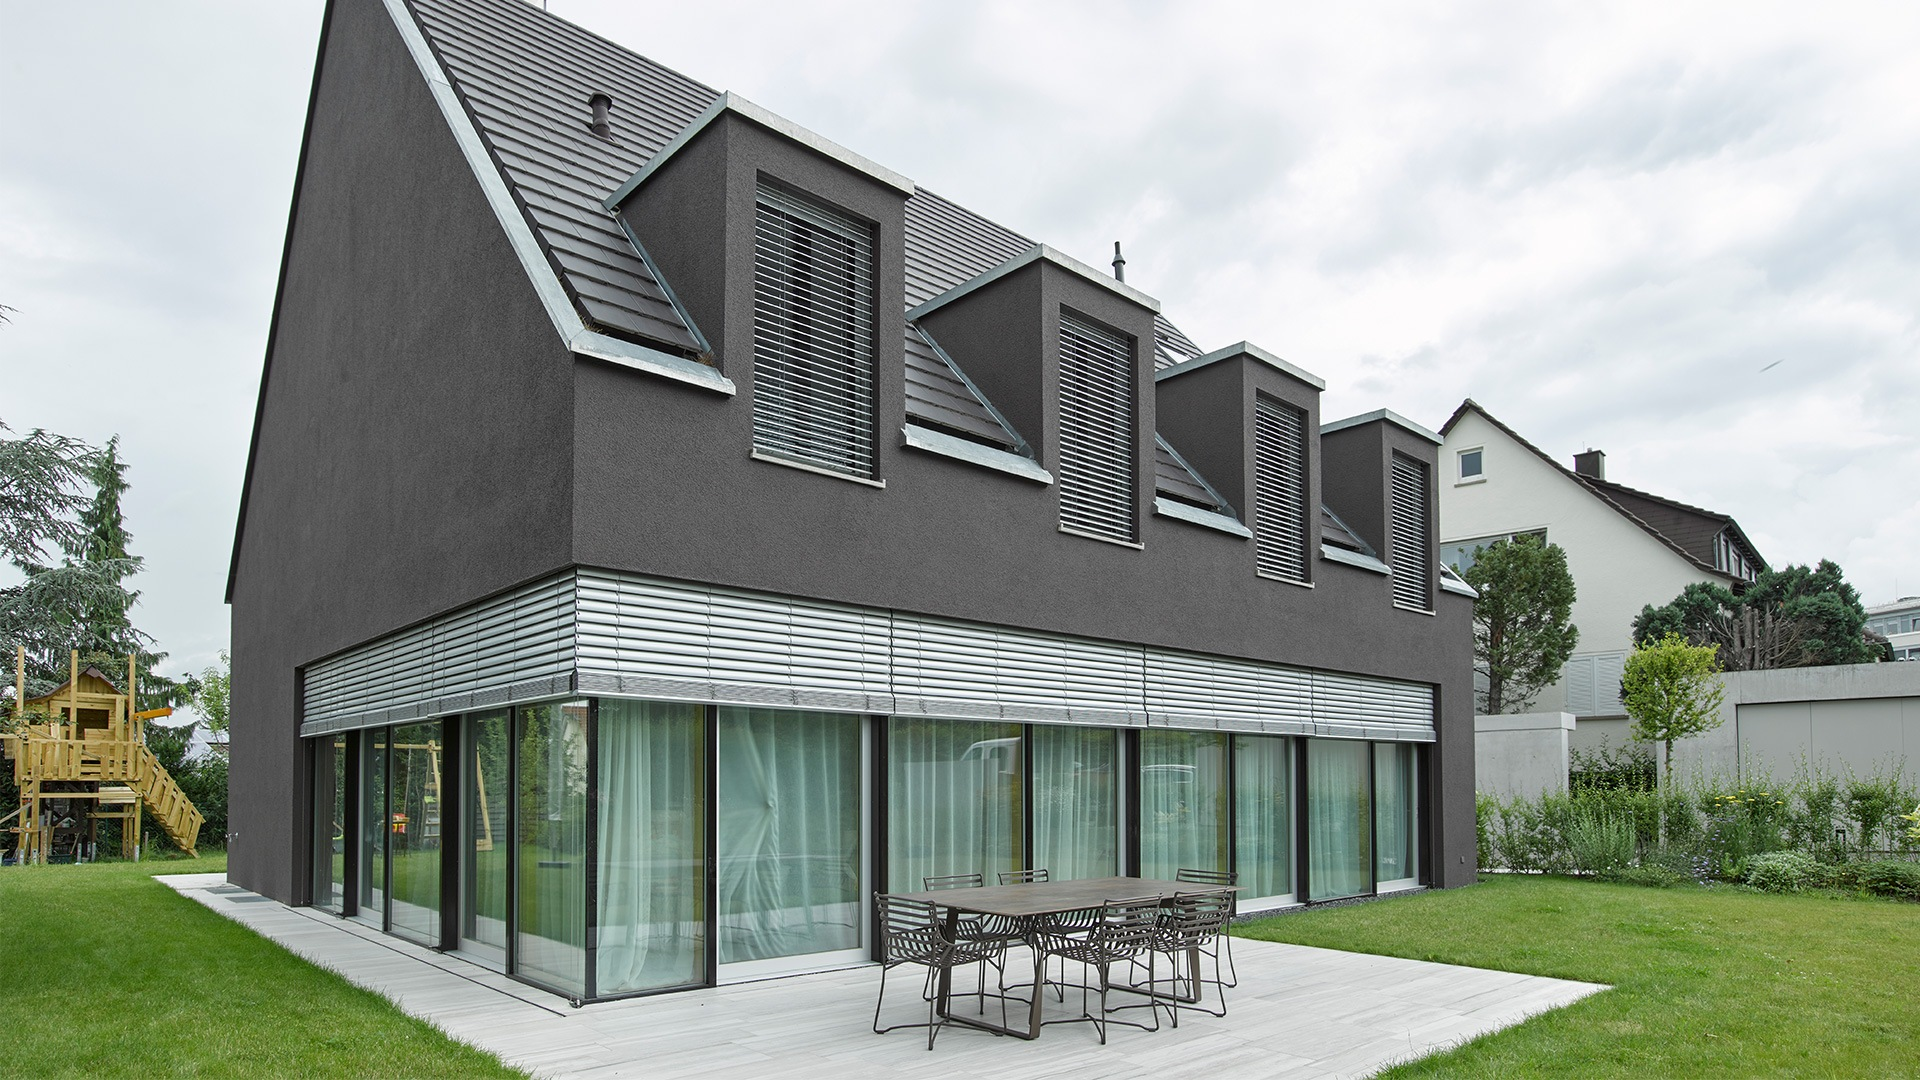 zanker raffstore 04 - Sonnenschutz für Fenster und Fassade